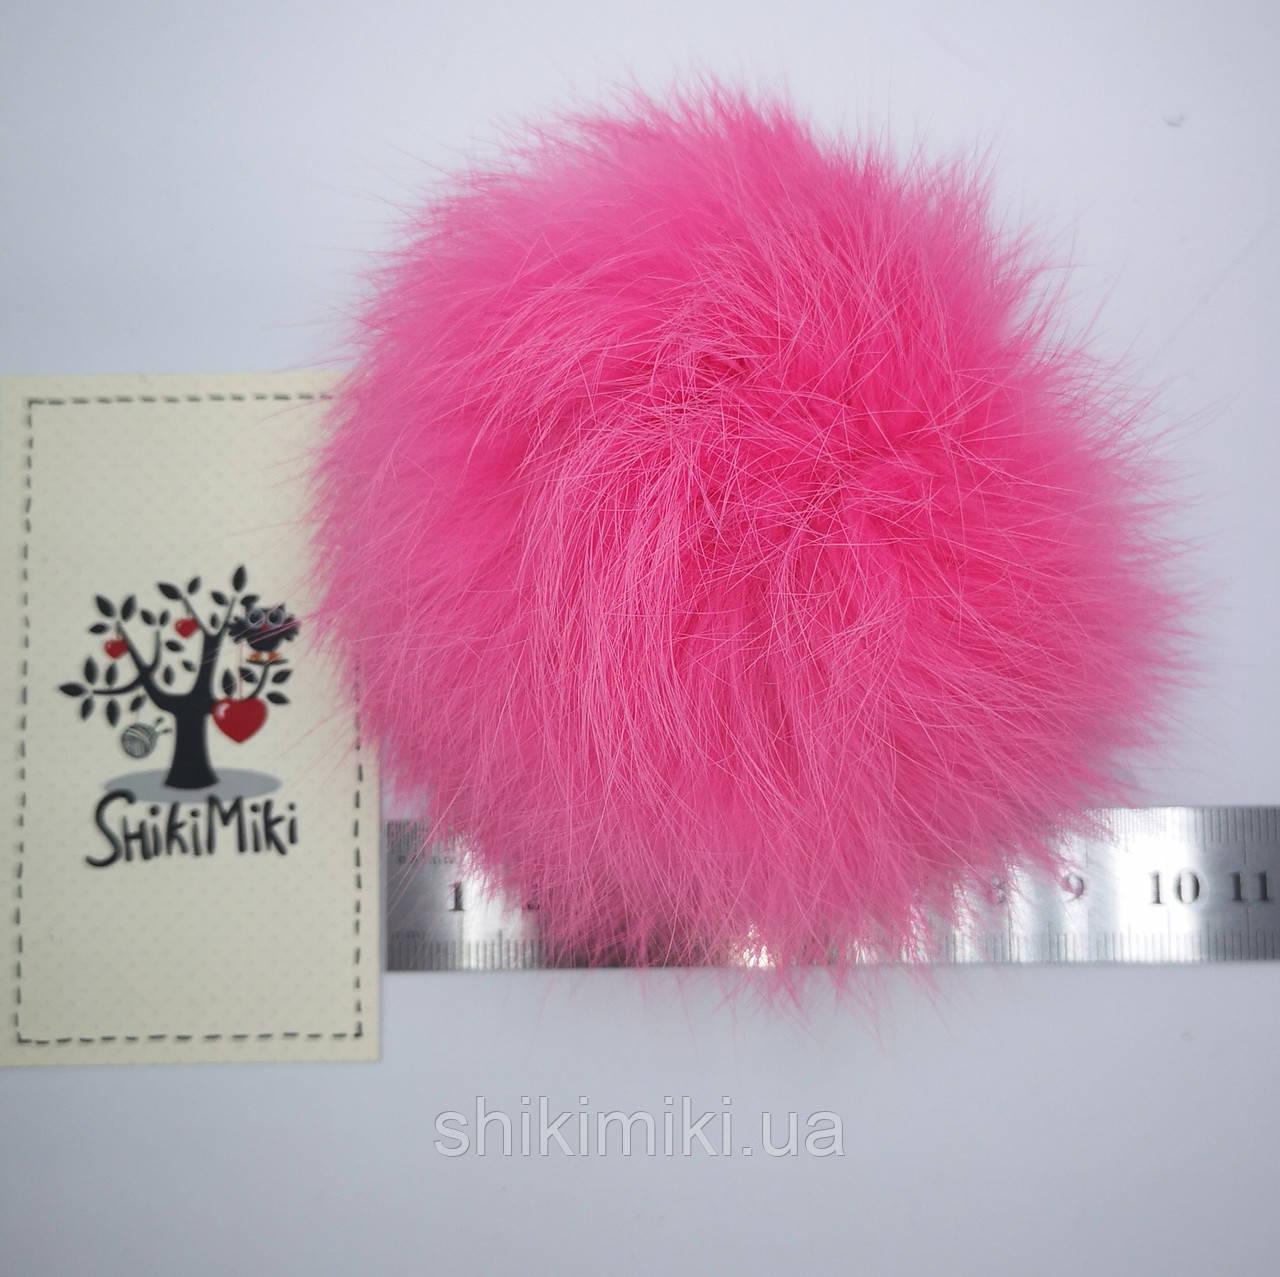 Помпон из меха кролика (10-12 мм), цвет Ярко-розовый